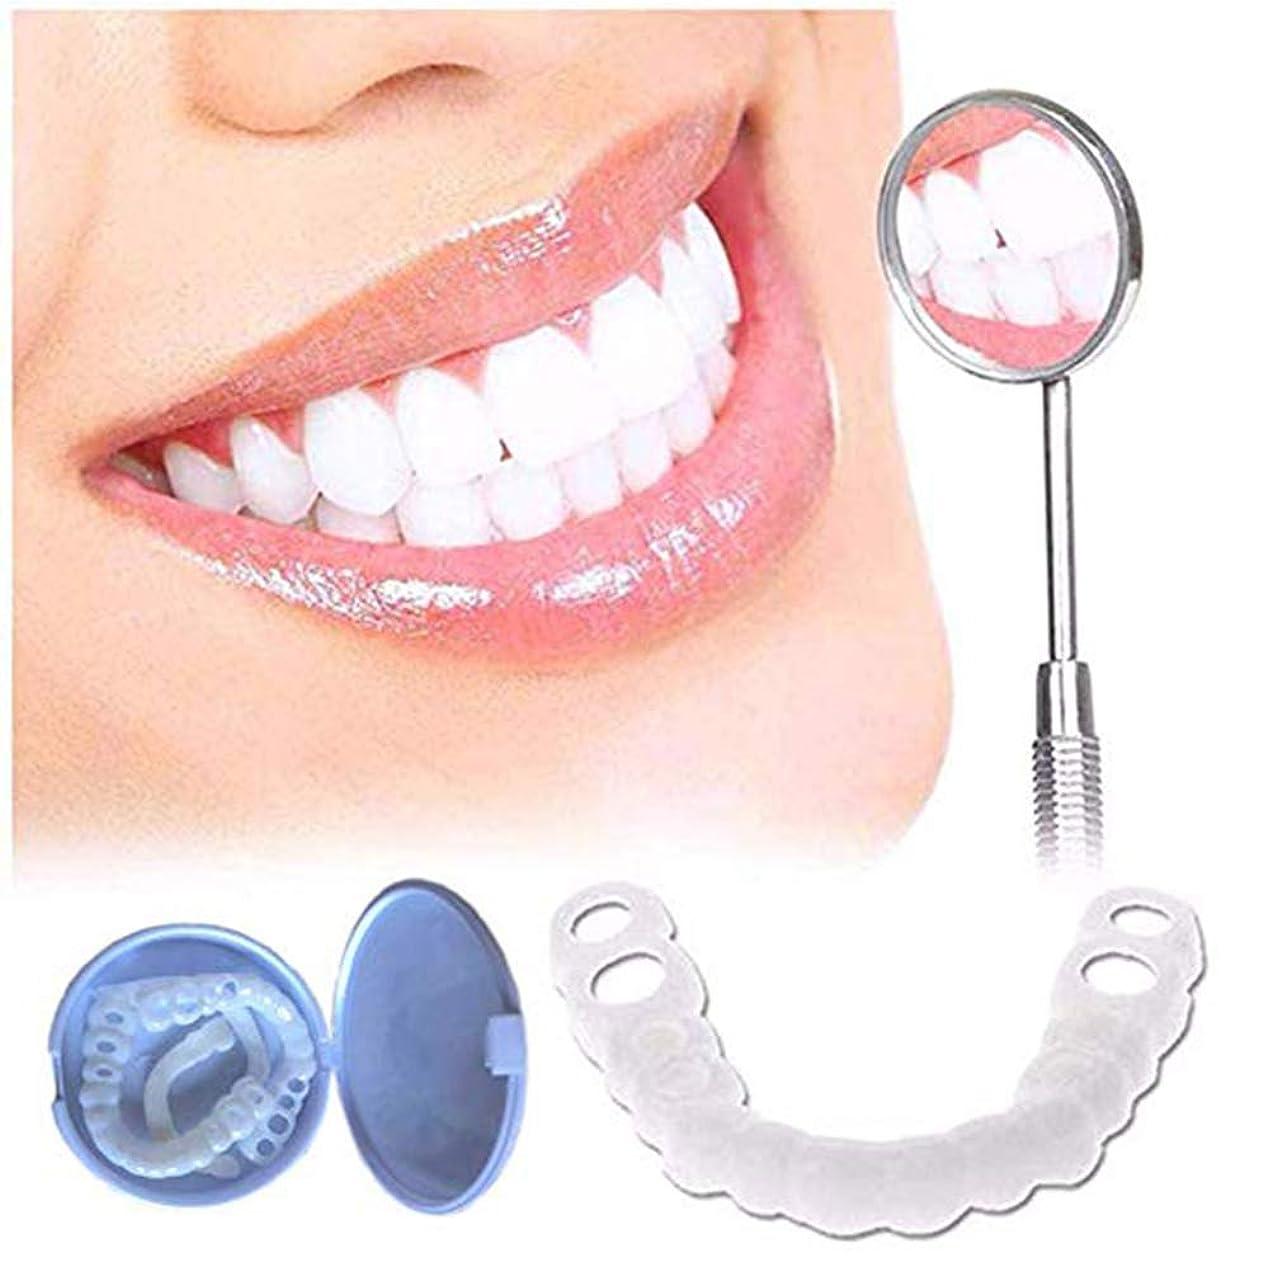 チャンバーさびた安全でない歯ブレースベニア義歯偽の歯スマイル鋸歯状義歯歯の上部と下部のコンフォートフィットフレックスティースソケットで白い歯をきれいに